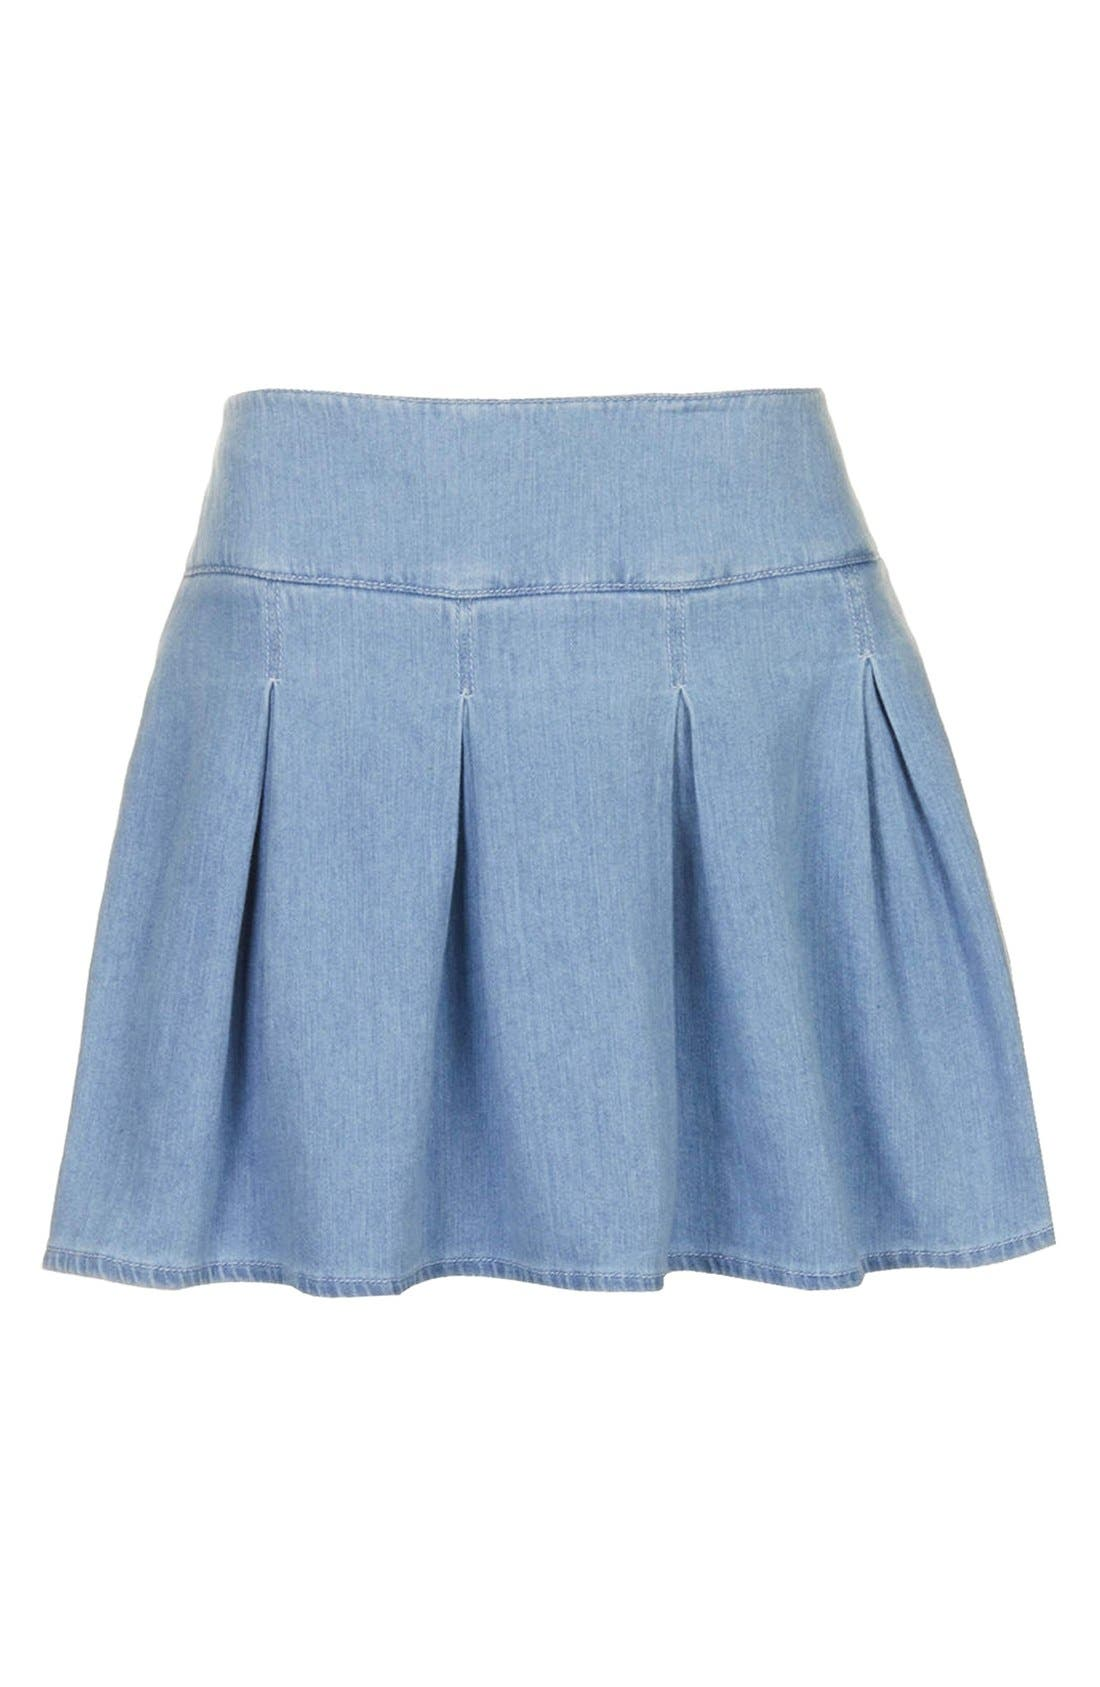 Moto Pleat Denim Skirt,                             Alternate thumbnail 3, color,                             Blue